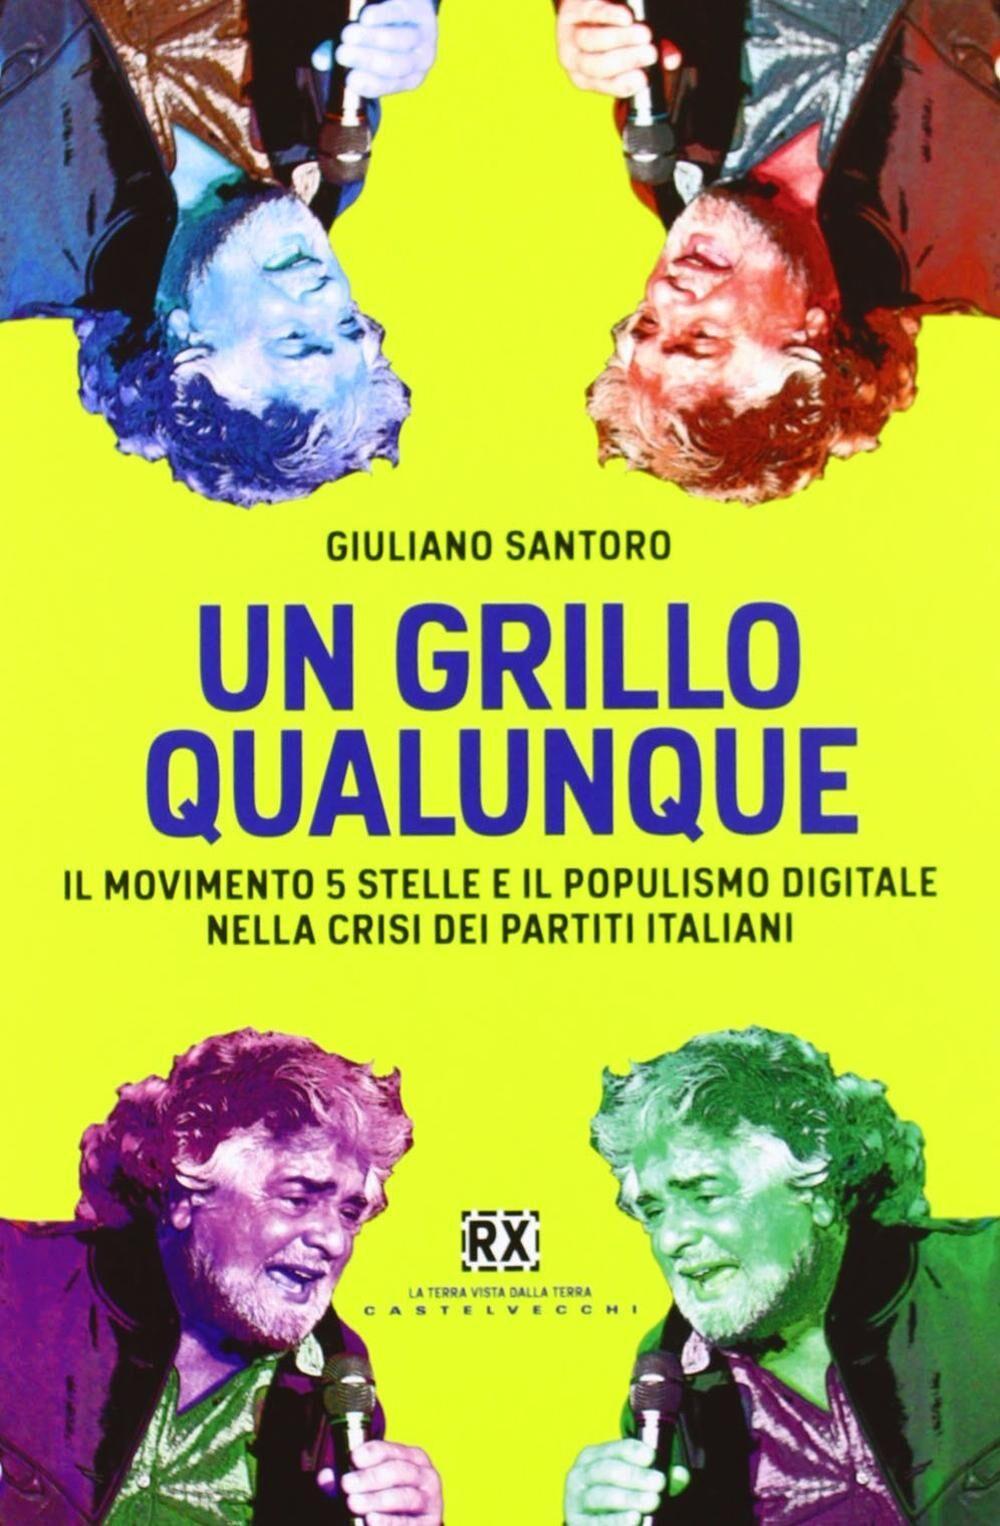 Un Grillo qualunque. Il Movimento 5 Stelle e il populismo digitale nella crisi dei partiti italiani